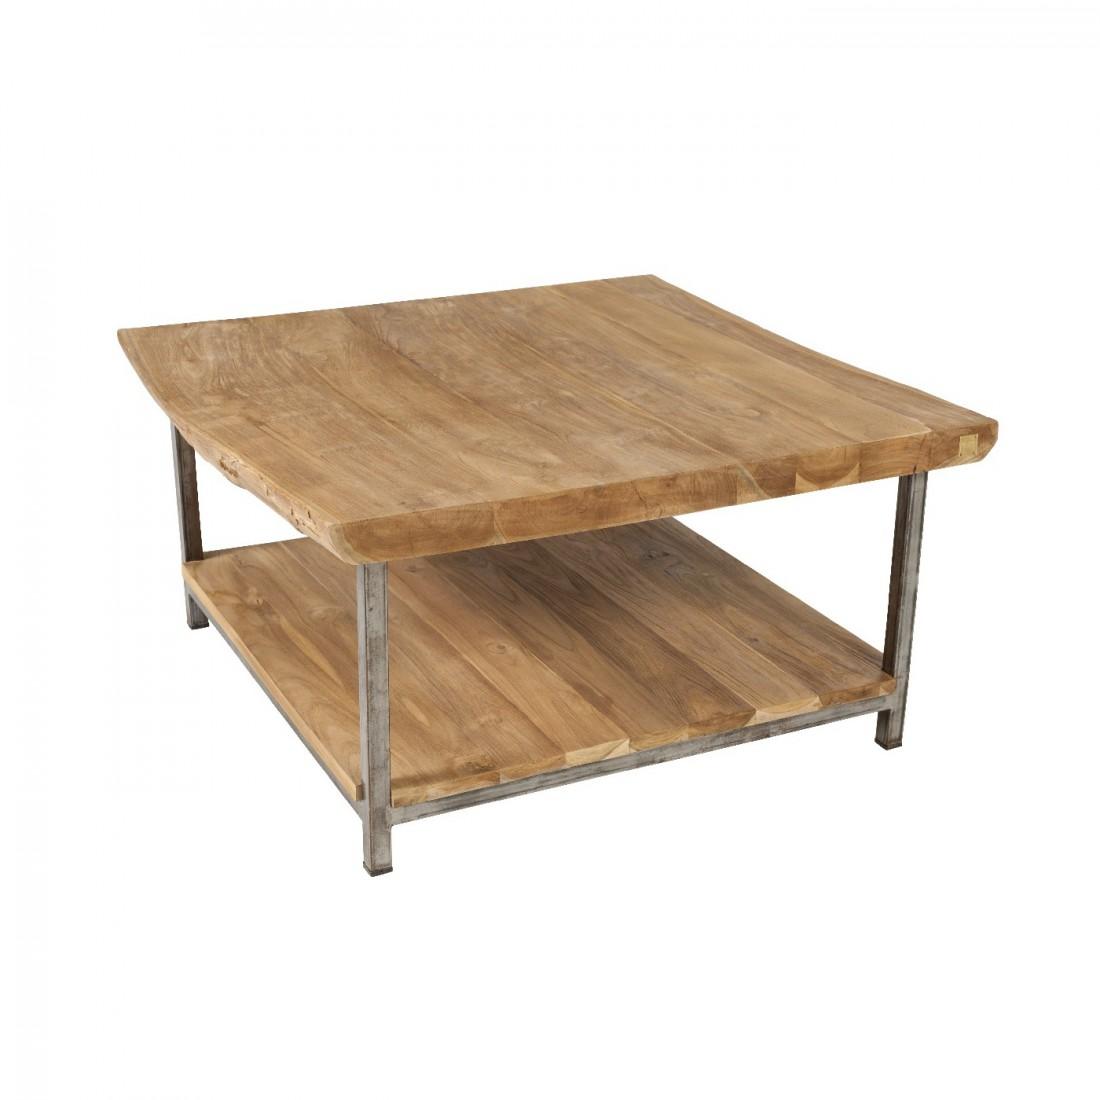 80x80 Basse Teck Table Brossé Vague 4A5RjL